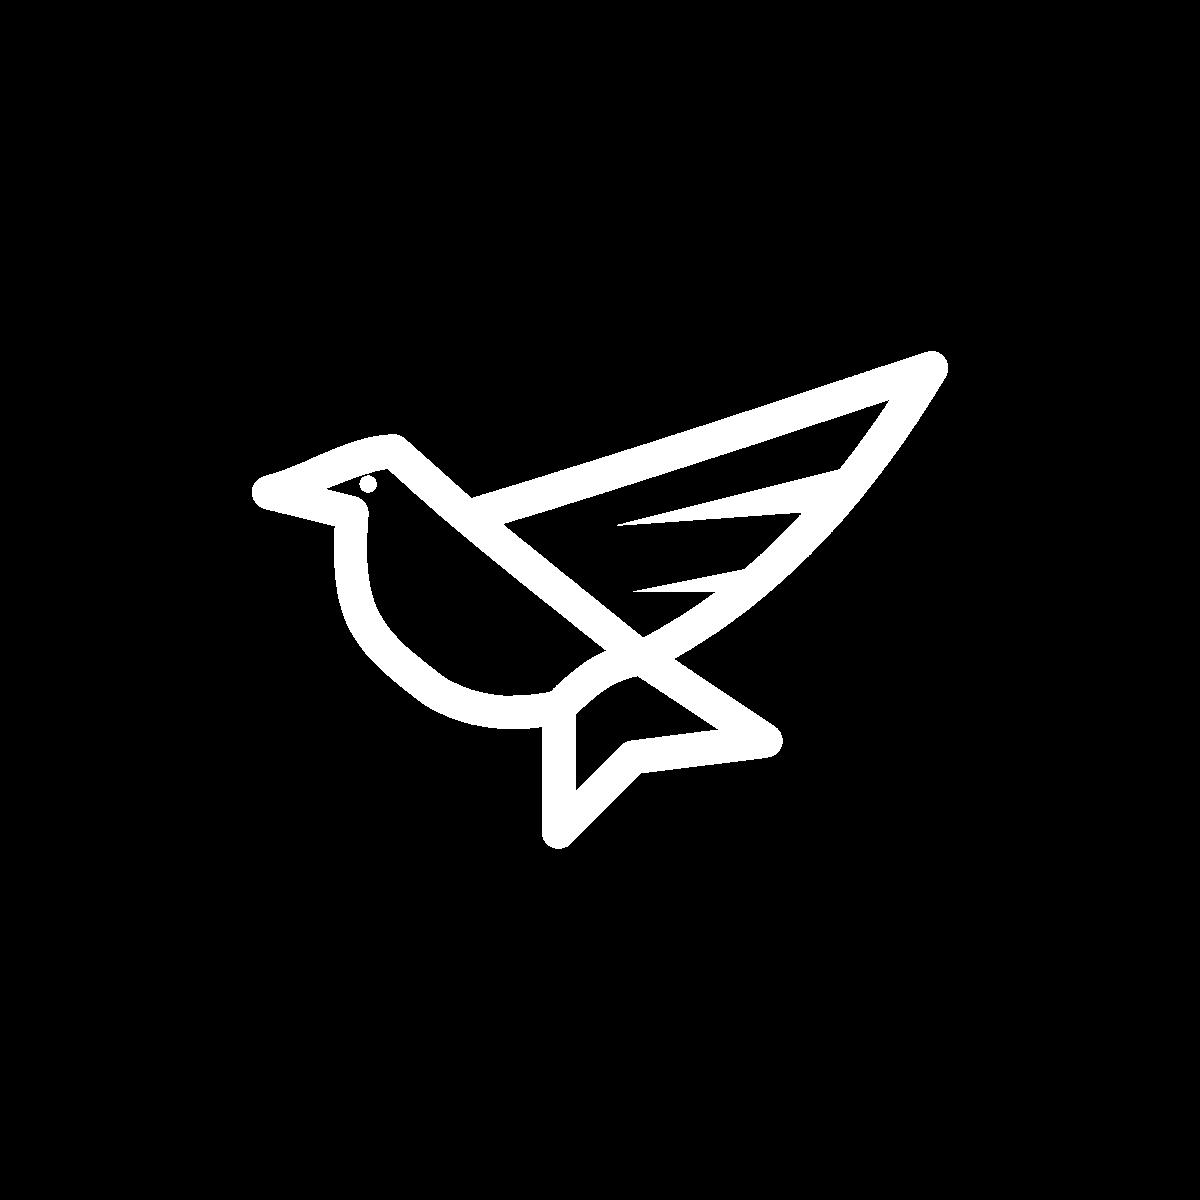 noun_Bird_1567864.png